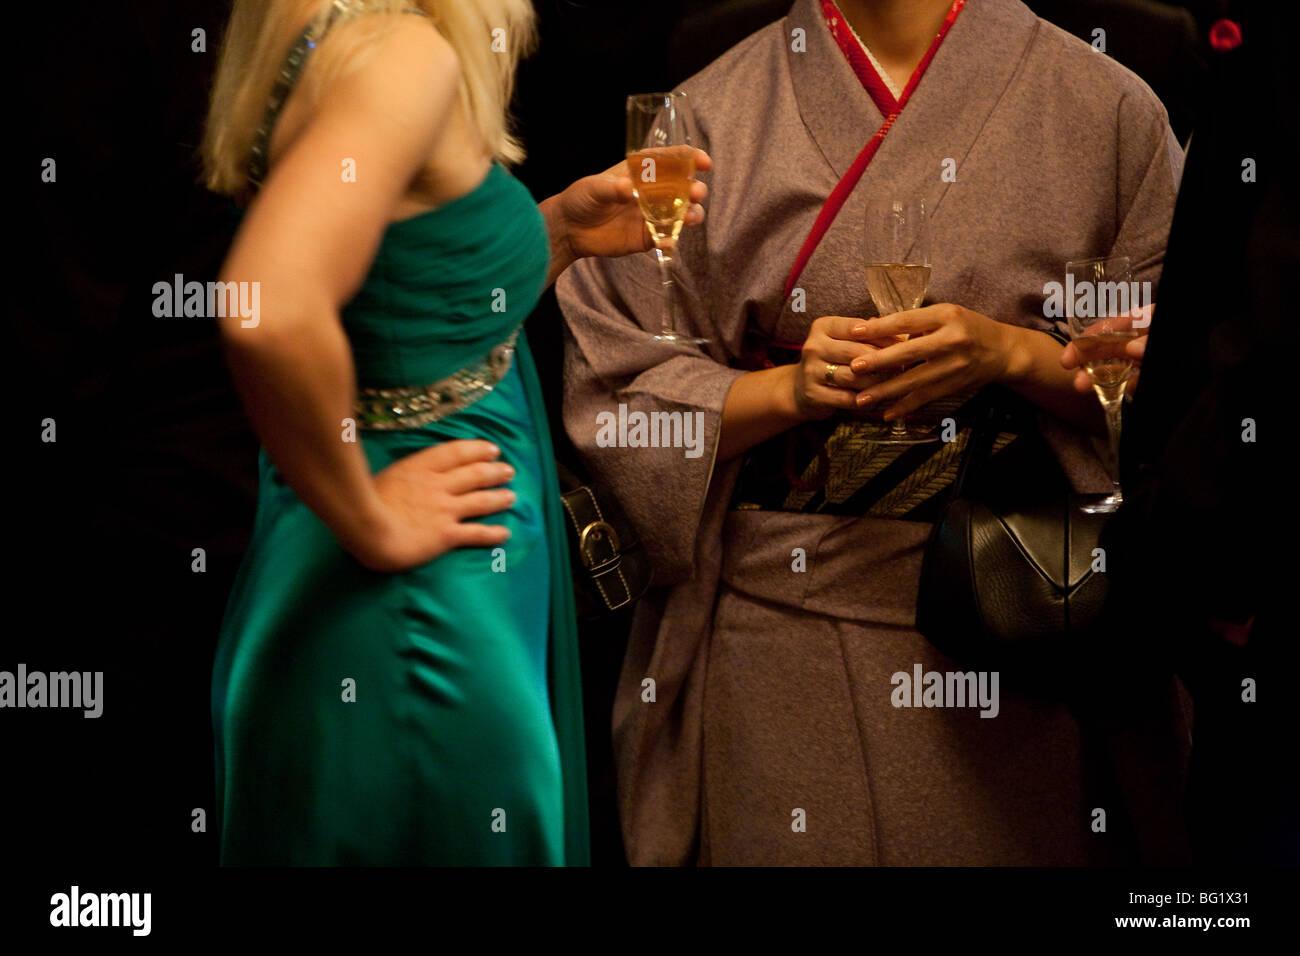 Femme japonaise en kimono de boire du champagne avec femme en robe de style occidental. Photo Stock